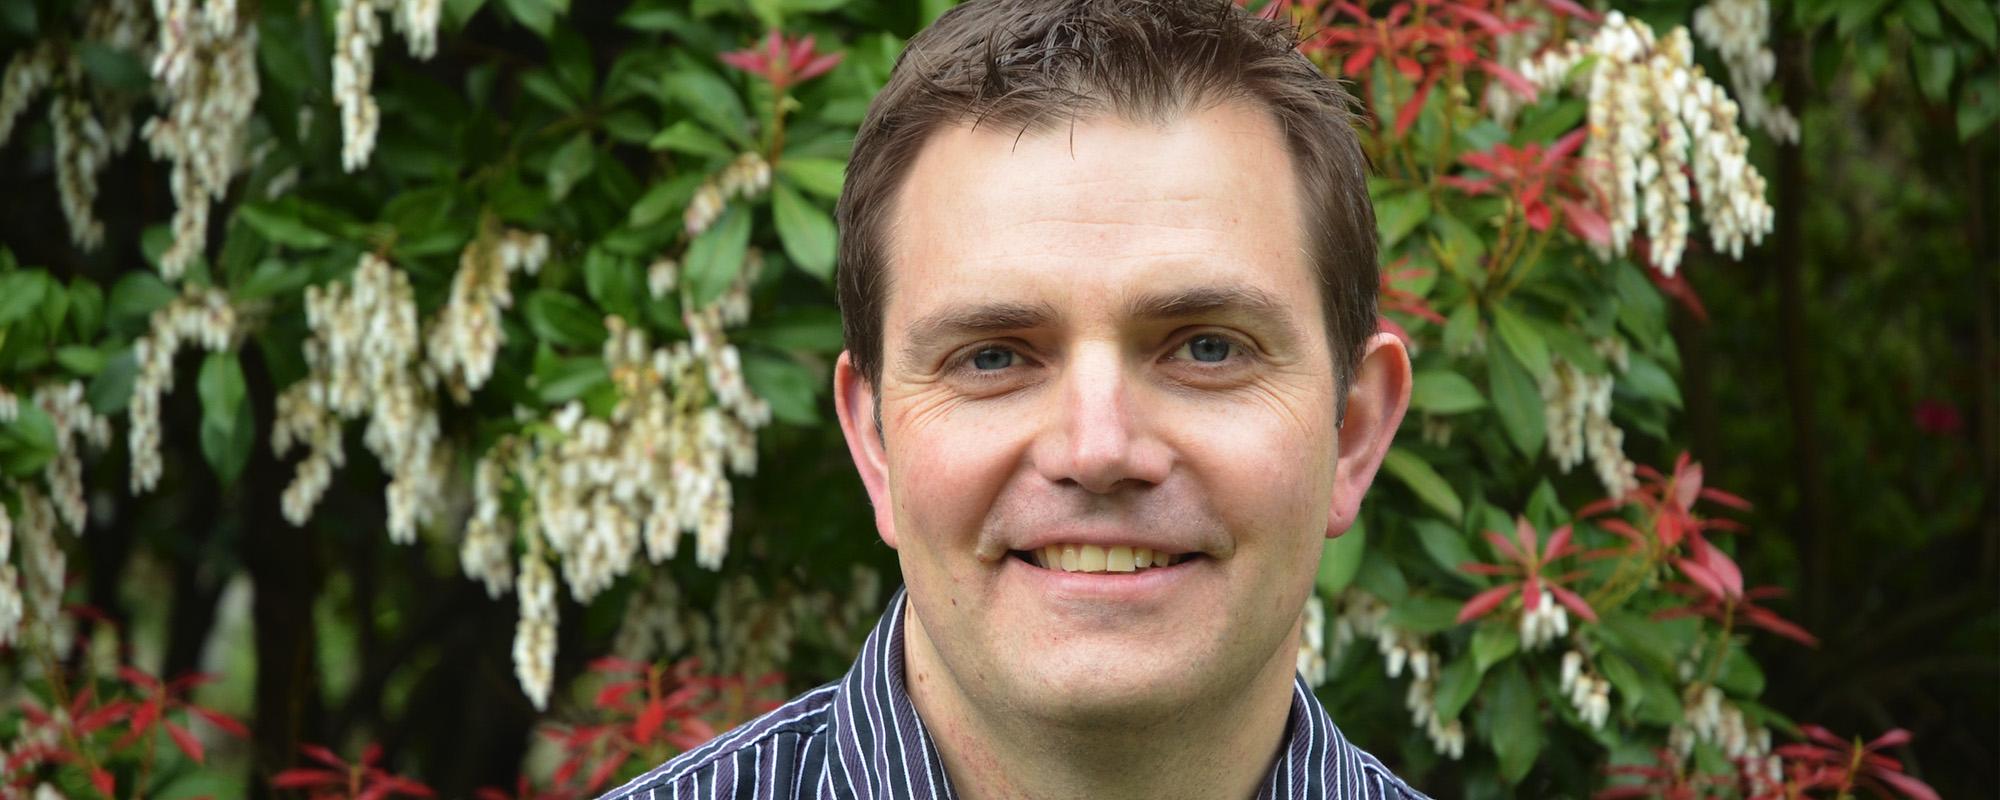 Andrew Eberding, Naturopathic Doctor